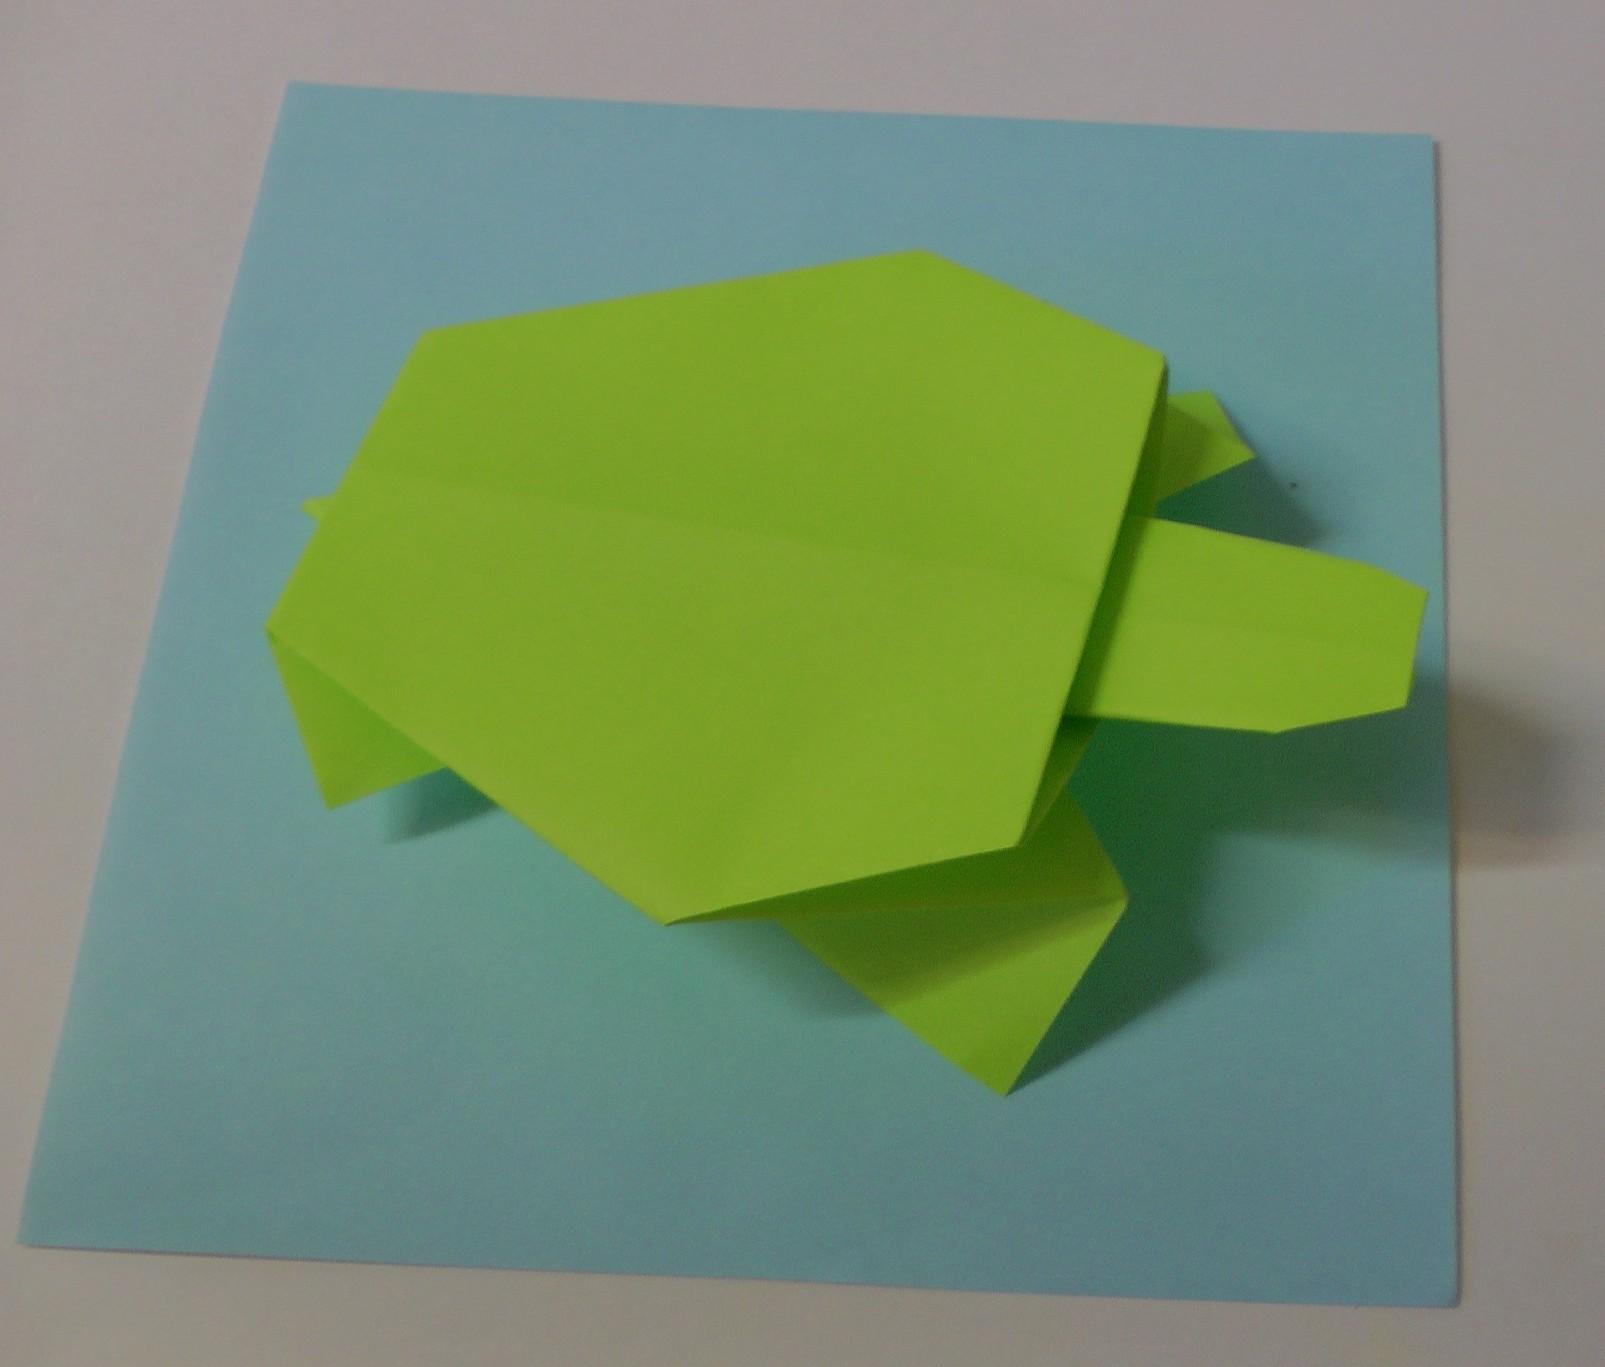 cara membuat origami | Origami easy, Origami turtle, Origami crafts | 1367x1605